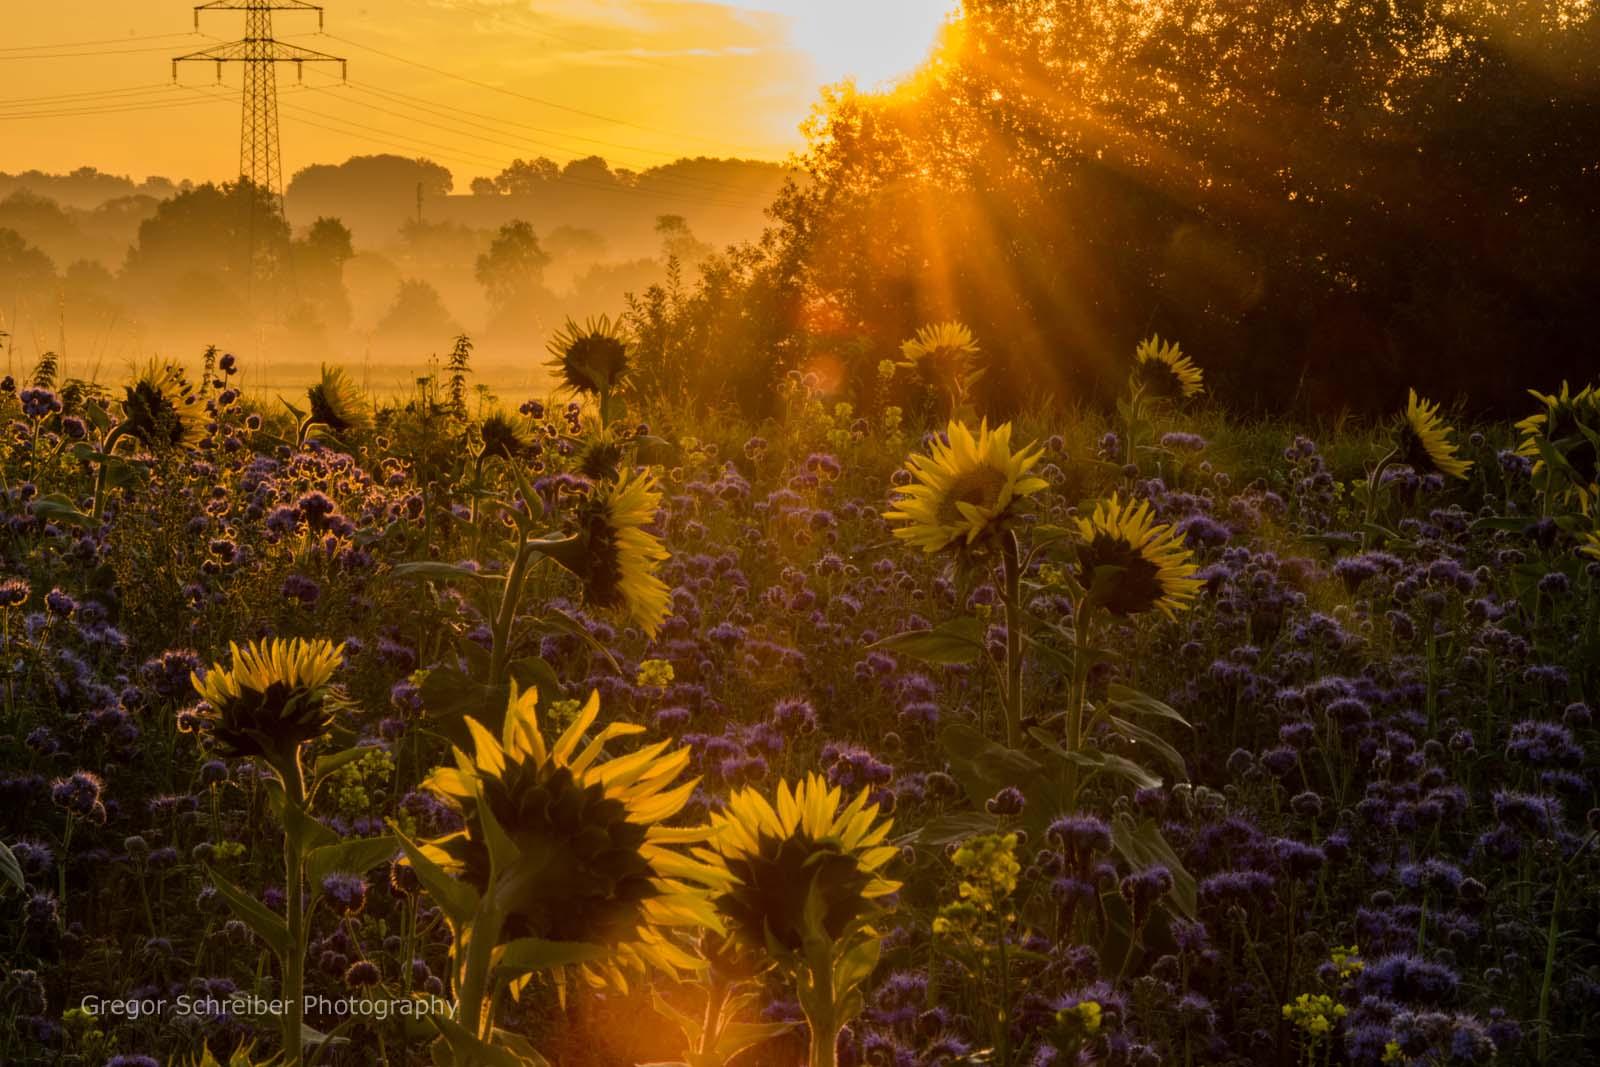 Rothwind Sonnenblumen